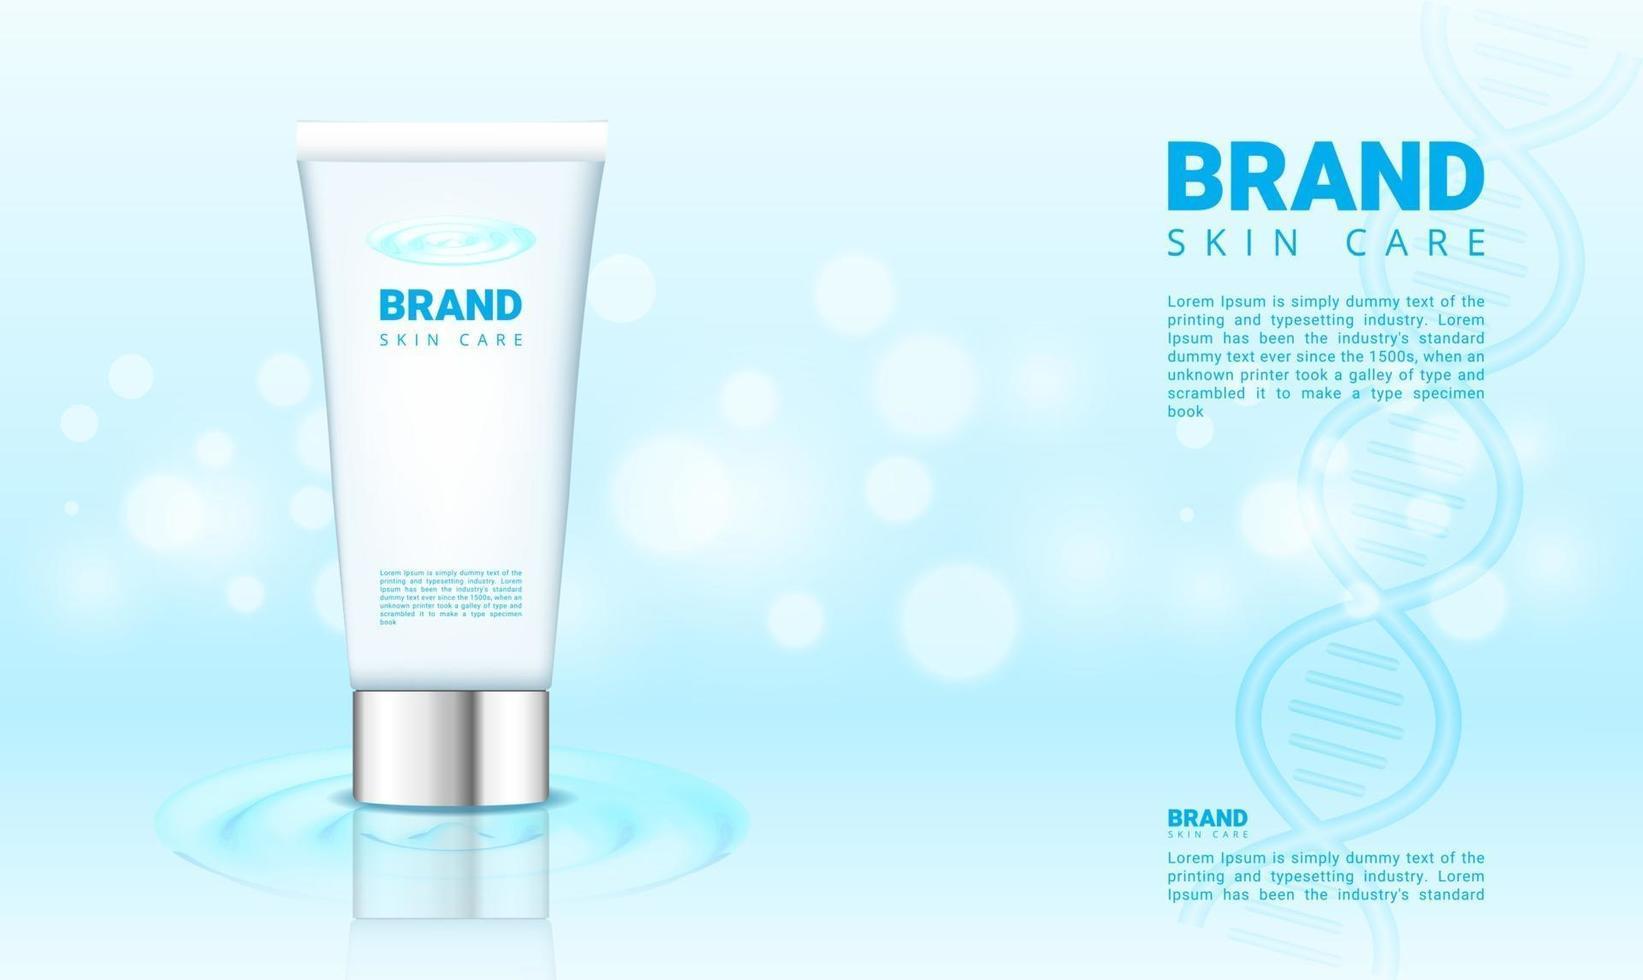 blaues Wasser und bokeh Hintergrund für Kosmetikprodukt mit 3d Verpackungsvektorillustration vektor